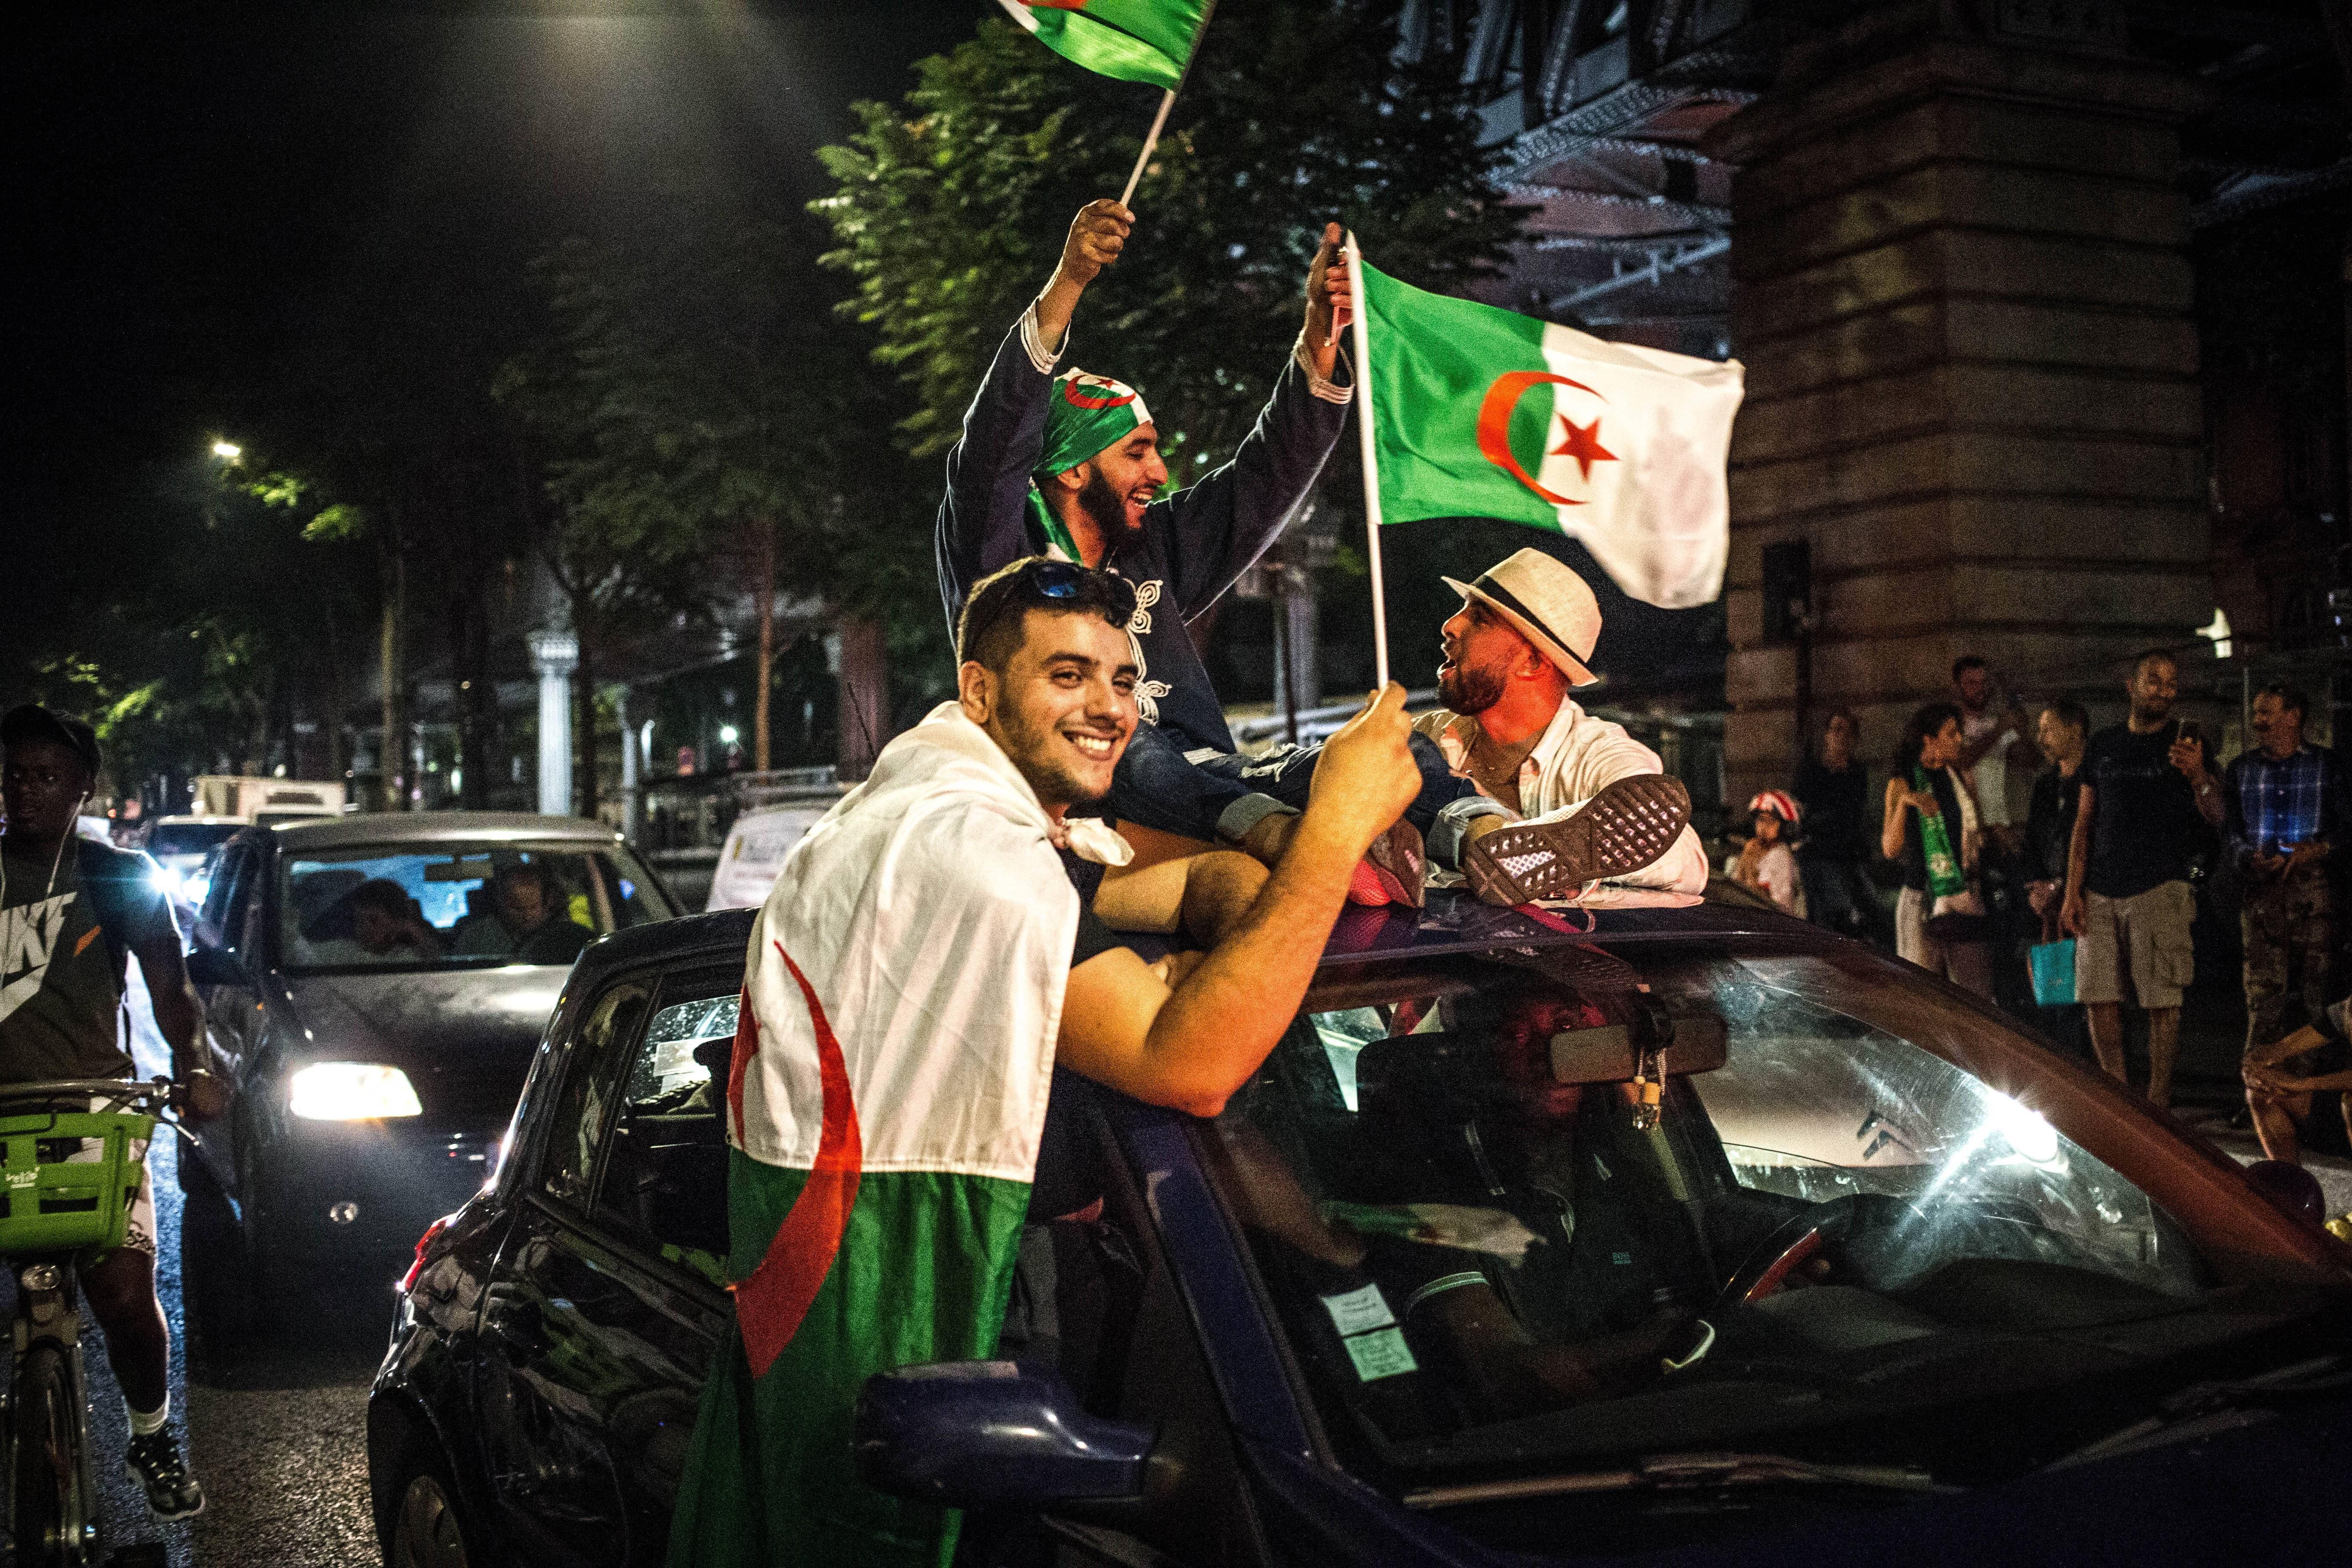 Fans des algerischen Fussballteams feiern den Sieg in der Afrika-Meisterschaft am 19. Juli. (Bild: Imago)